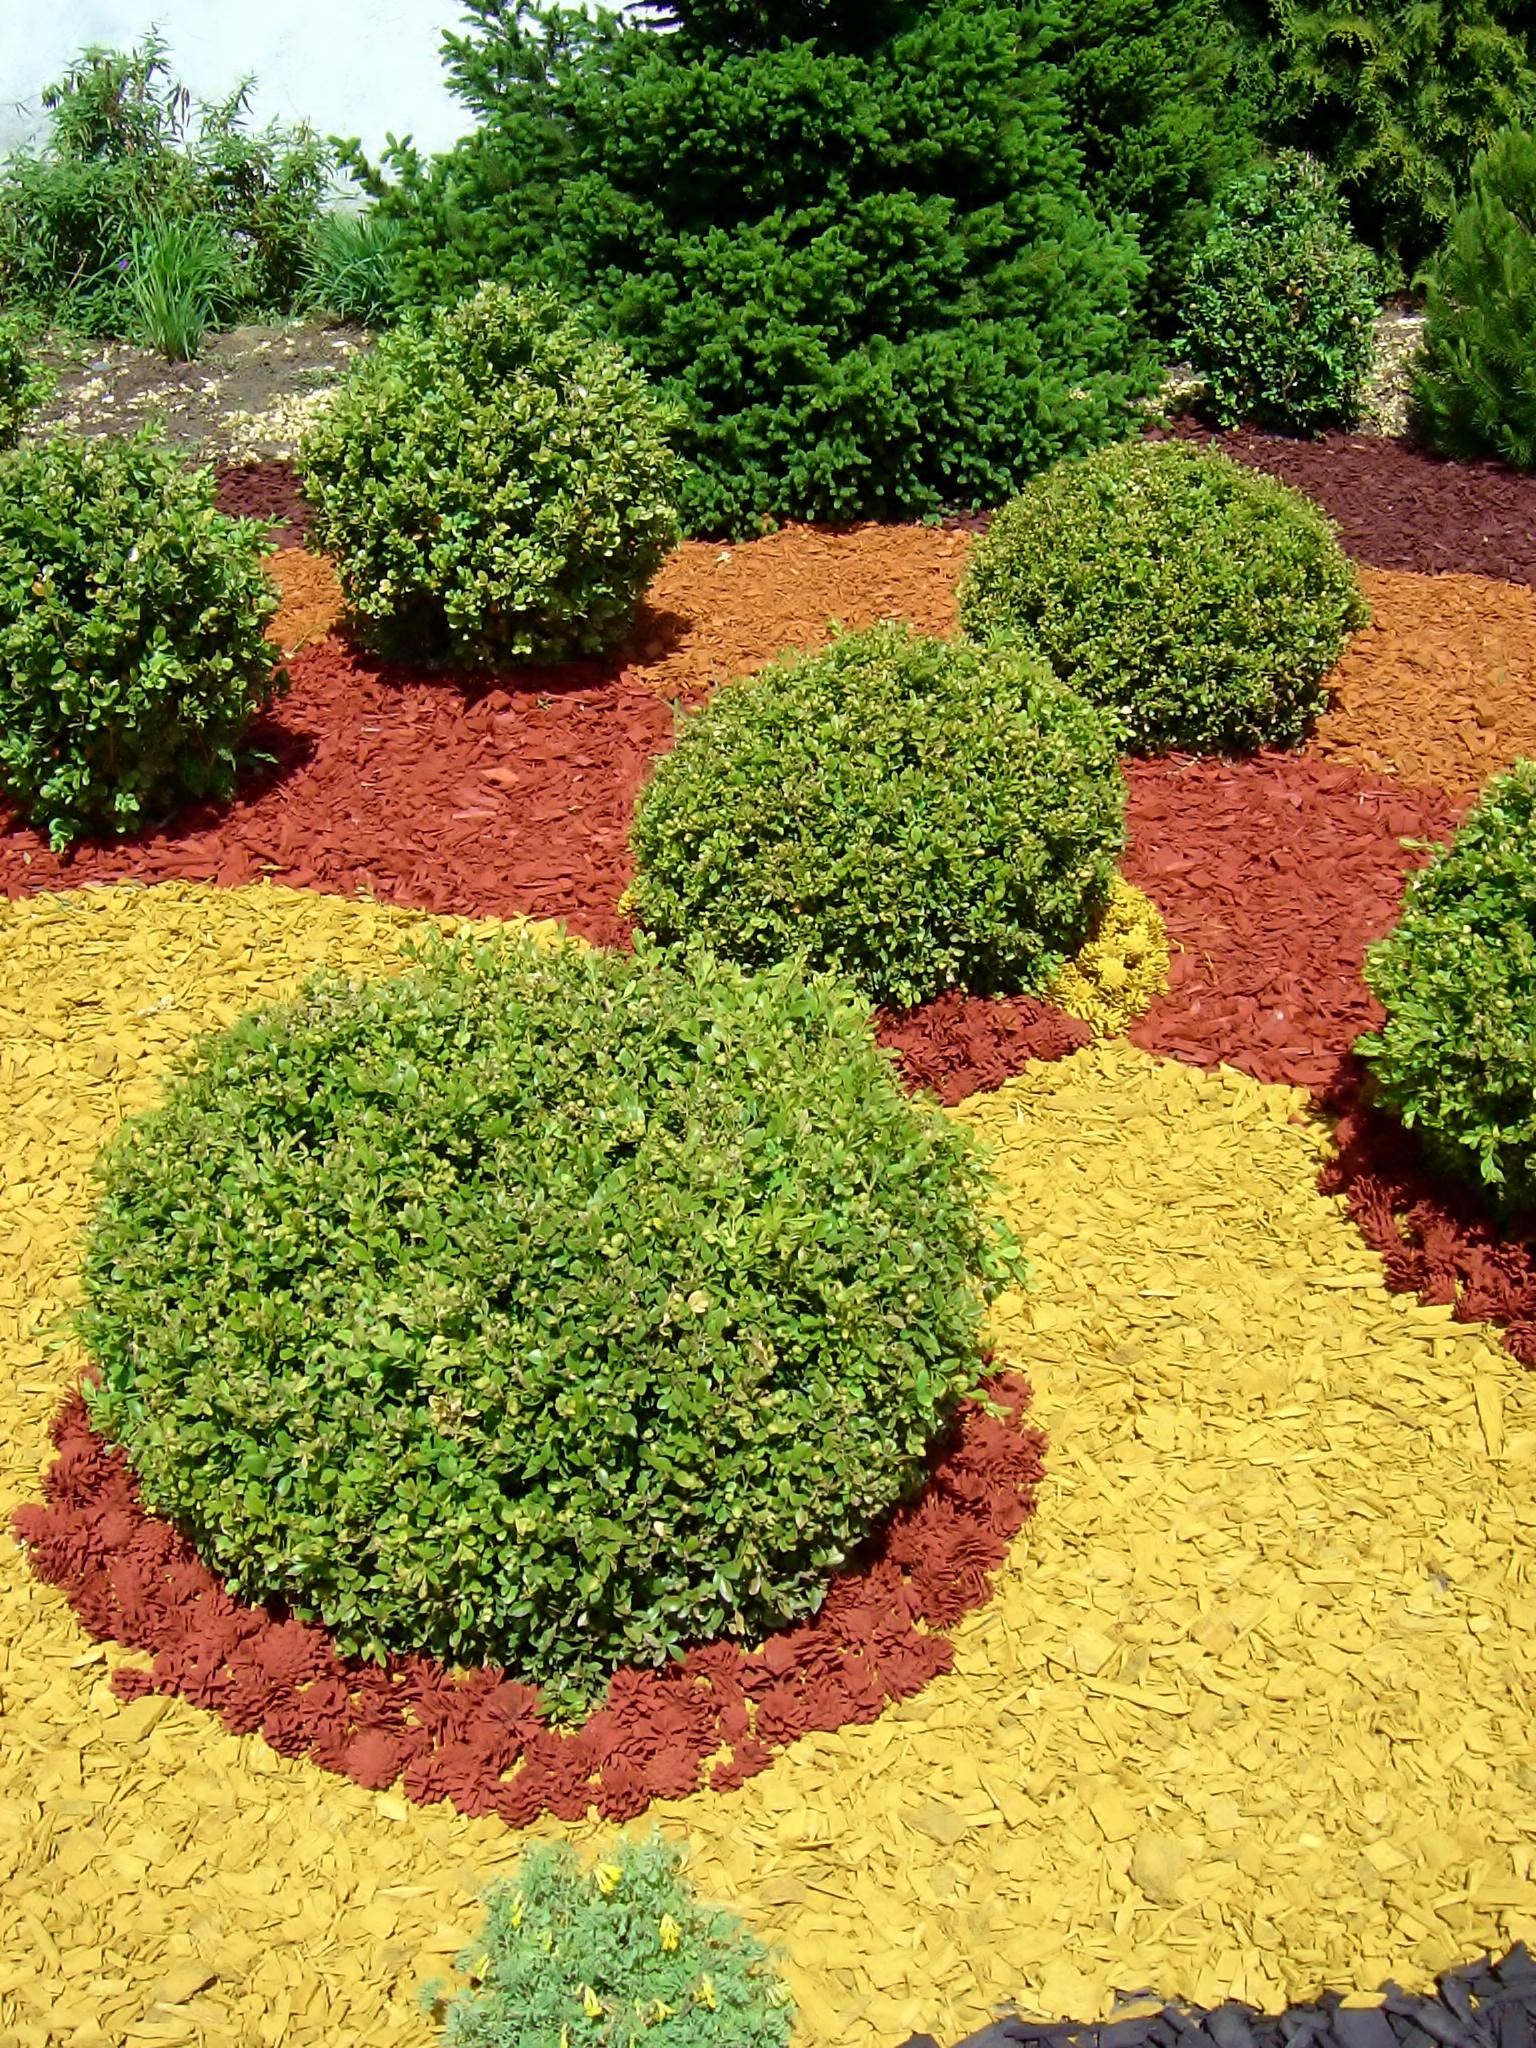 Aranżacja ogrodowa z wykorzystaniem zrębków i szyszek